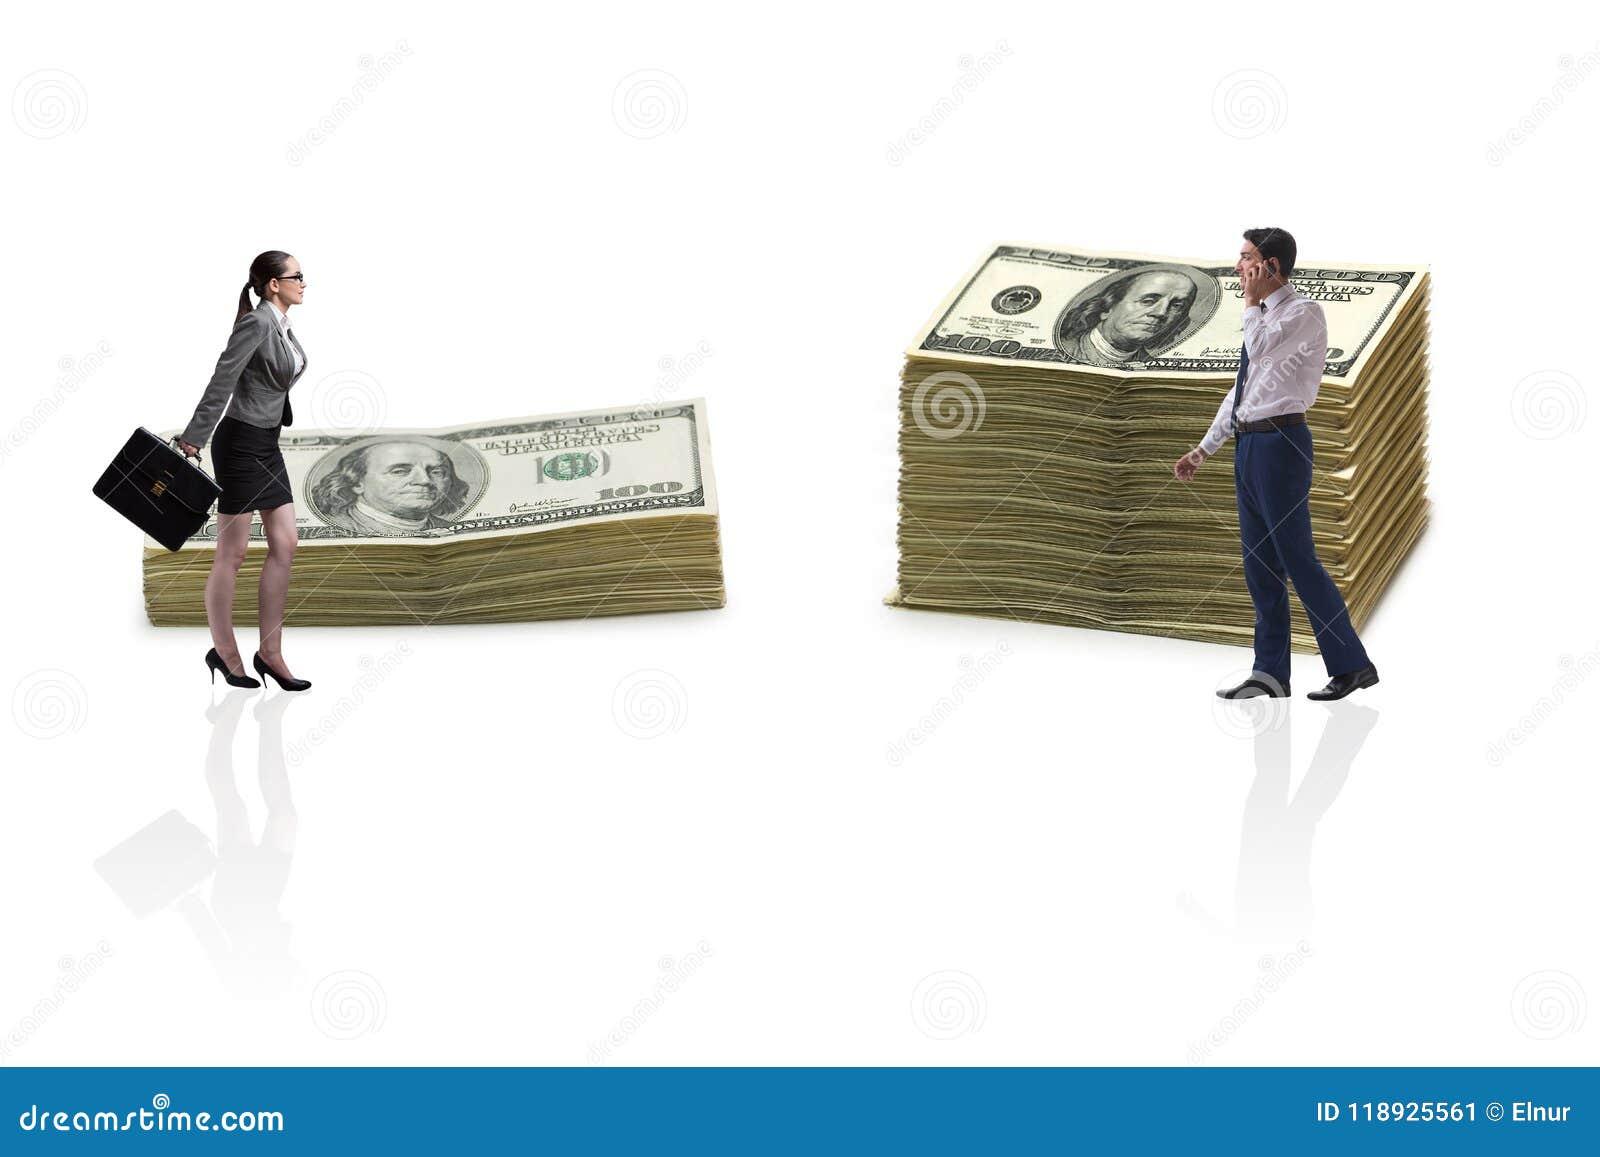 Het concept ongelijk loon en geslachtshiaat tussen man vrouw